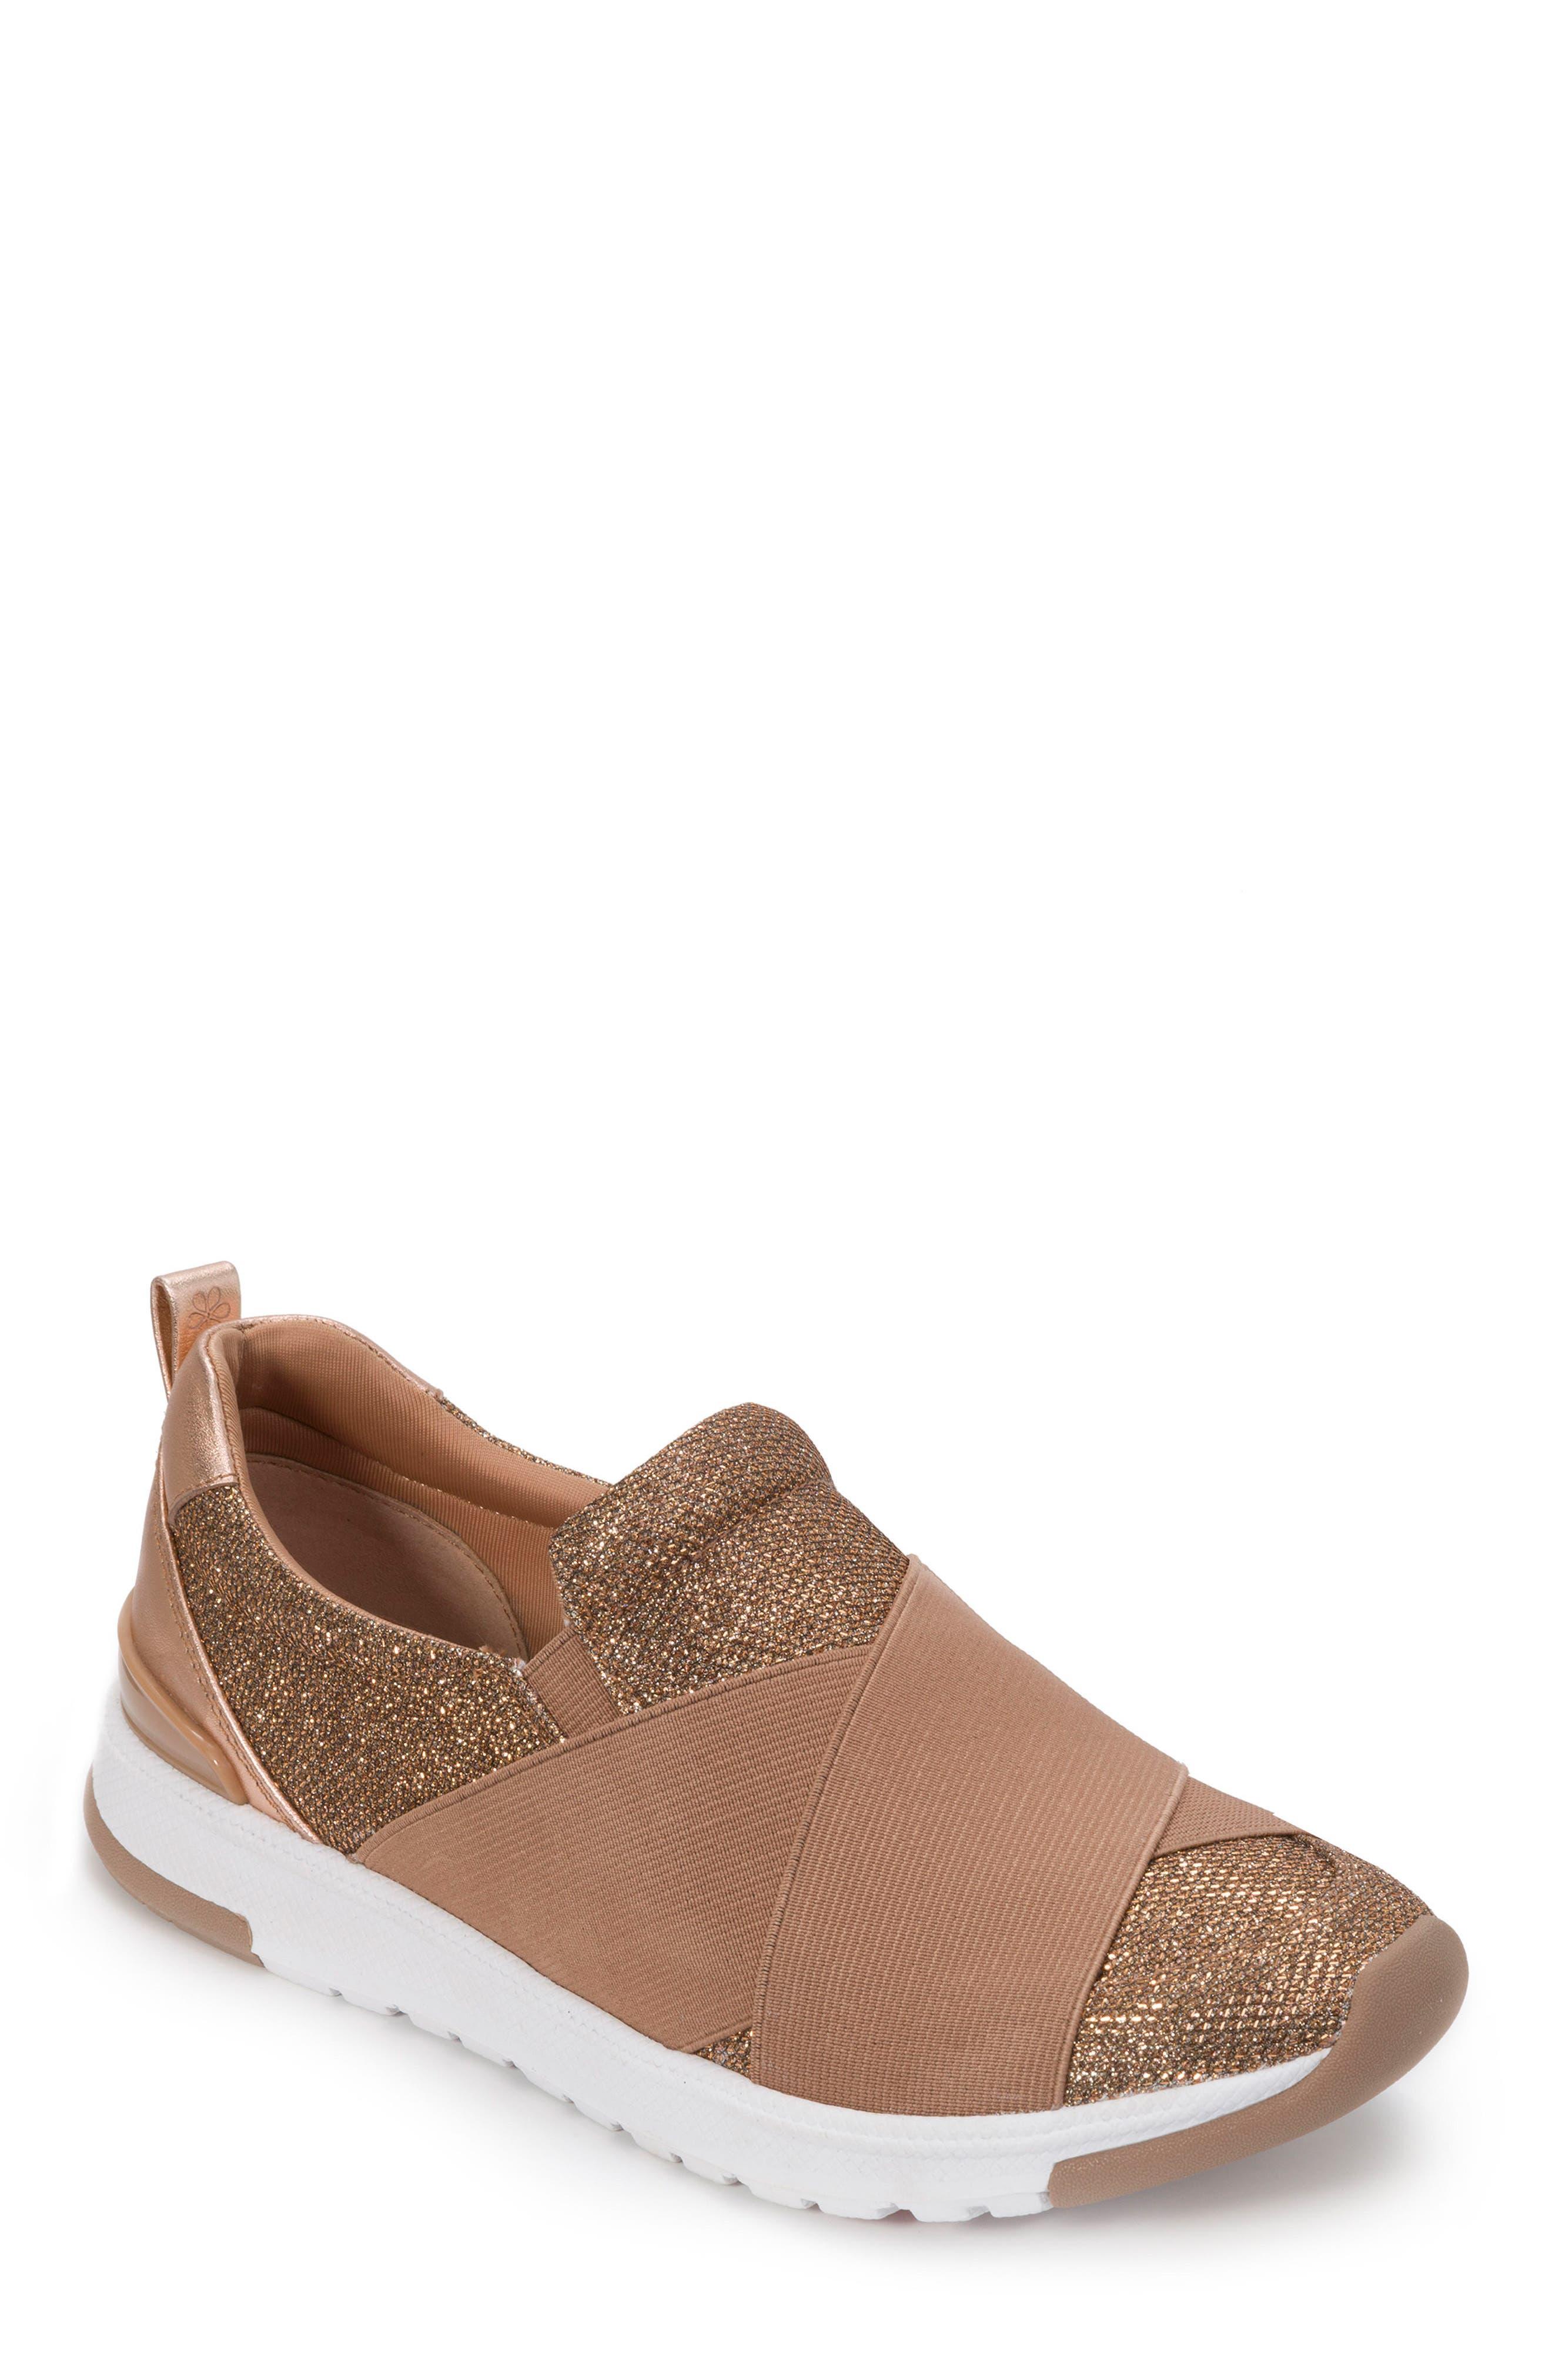 Foot Petals Slip-On Sneaker (Women)